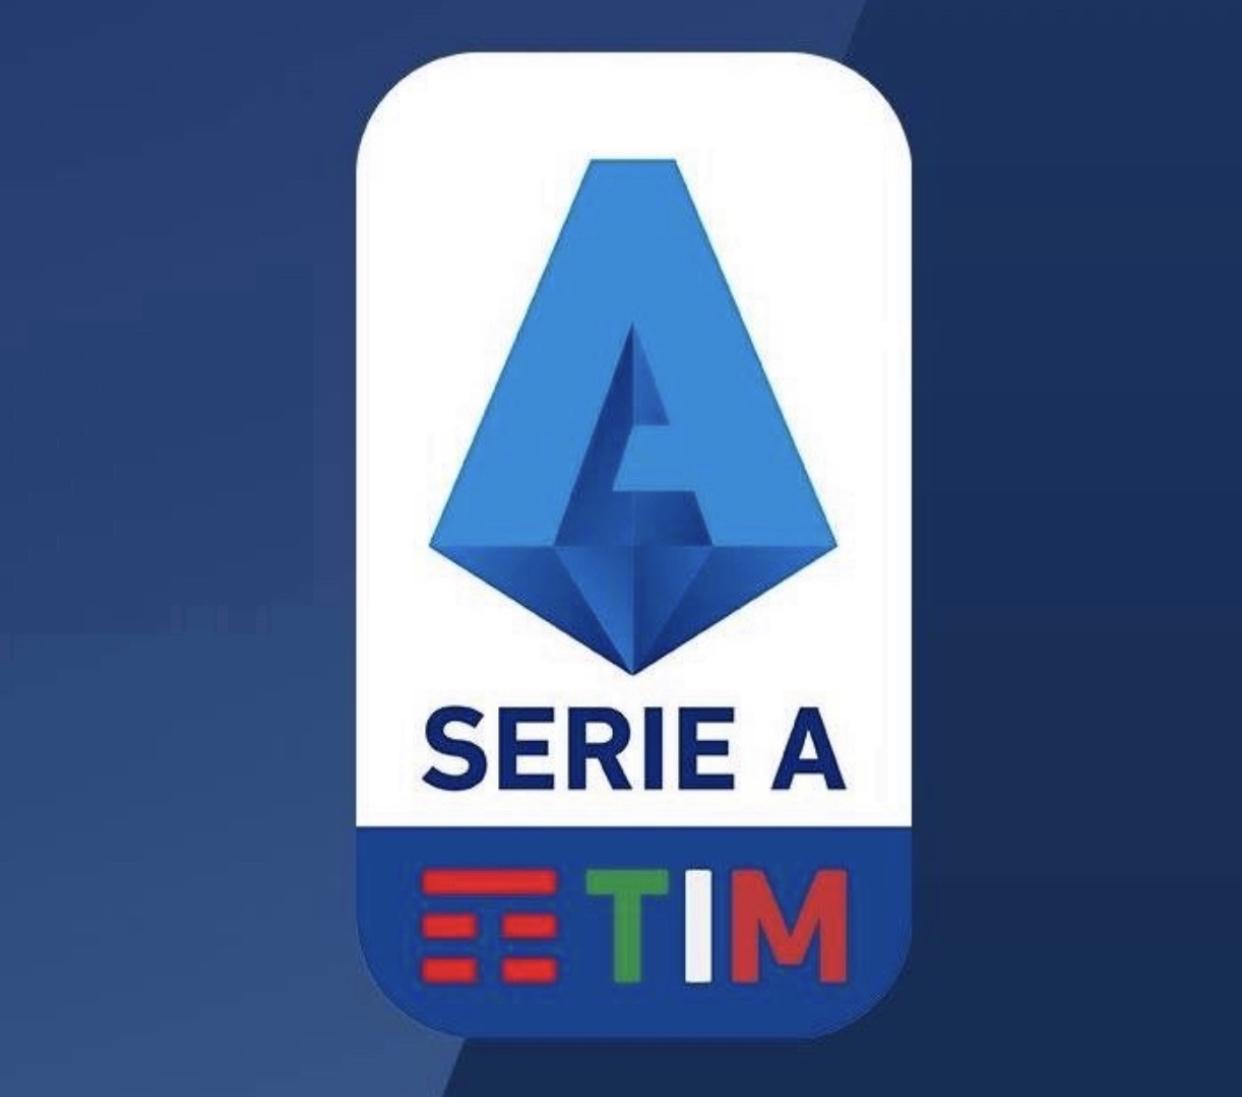 Calendario Serie A Tim 2019.Serie A Tim 2019 20 Questa Sera La Compilazione Del